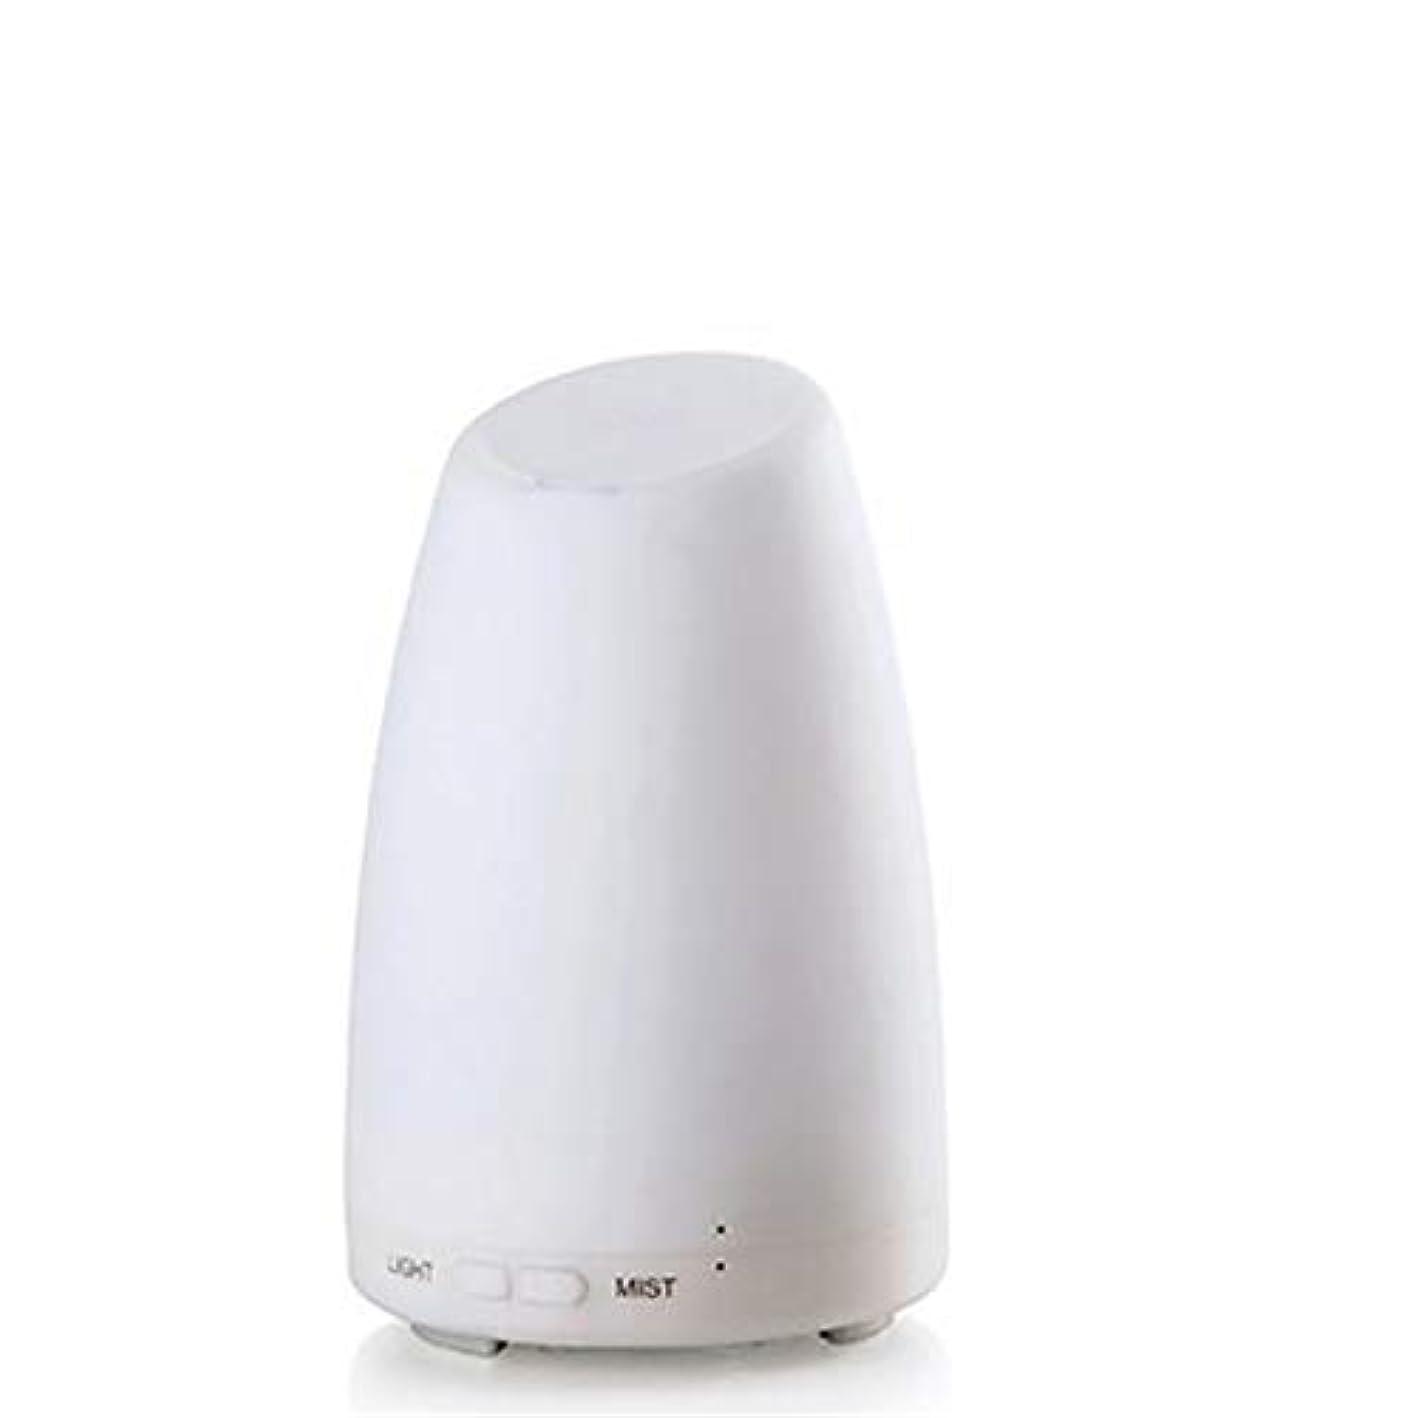 友だちシガレットフォローエッセンシャルオイルディフューザー、霧コントロール4h 使用、低水自動シャットダウン、7種類の LED ライト、家庭、オフィス、寝室、家族のベビールームとの超音波 100 ml アロマディフューザー